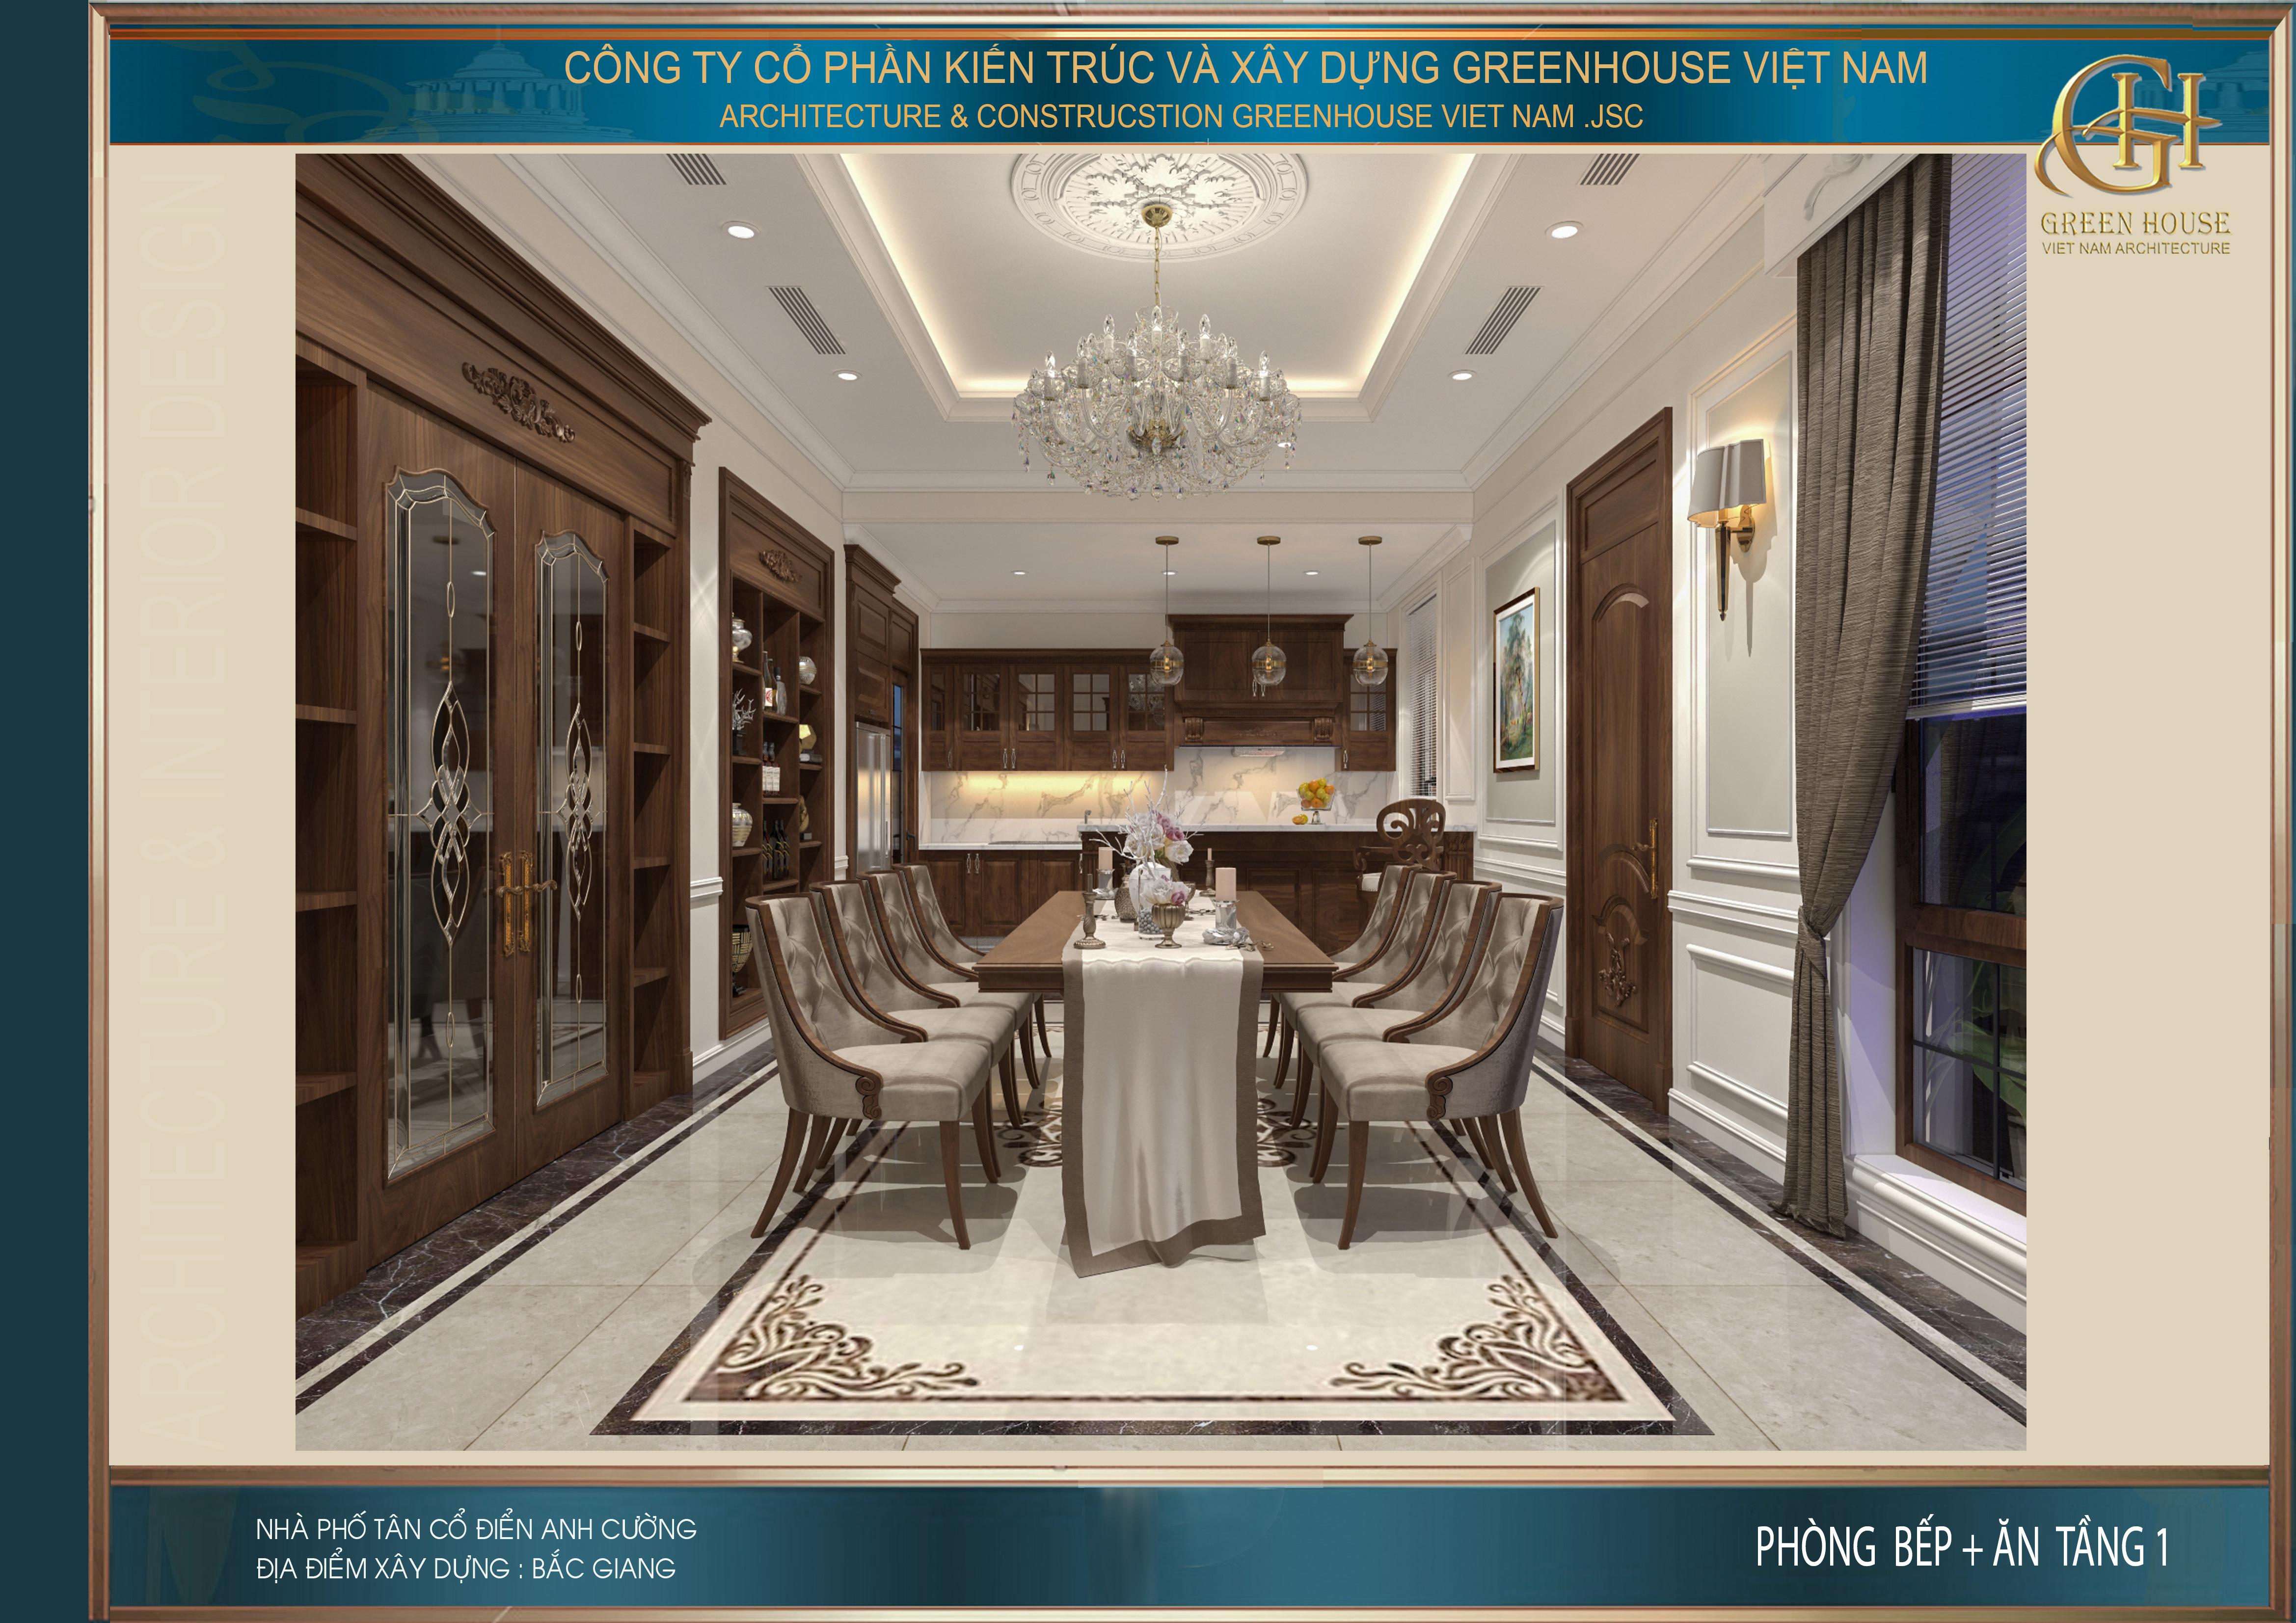 Thiết kế phòng bếp với vẻ đẹp tinh tế mà sang trọng cùng nội thất gỗ